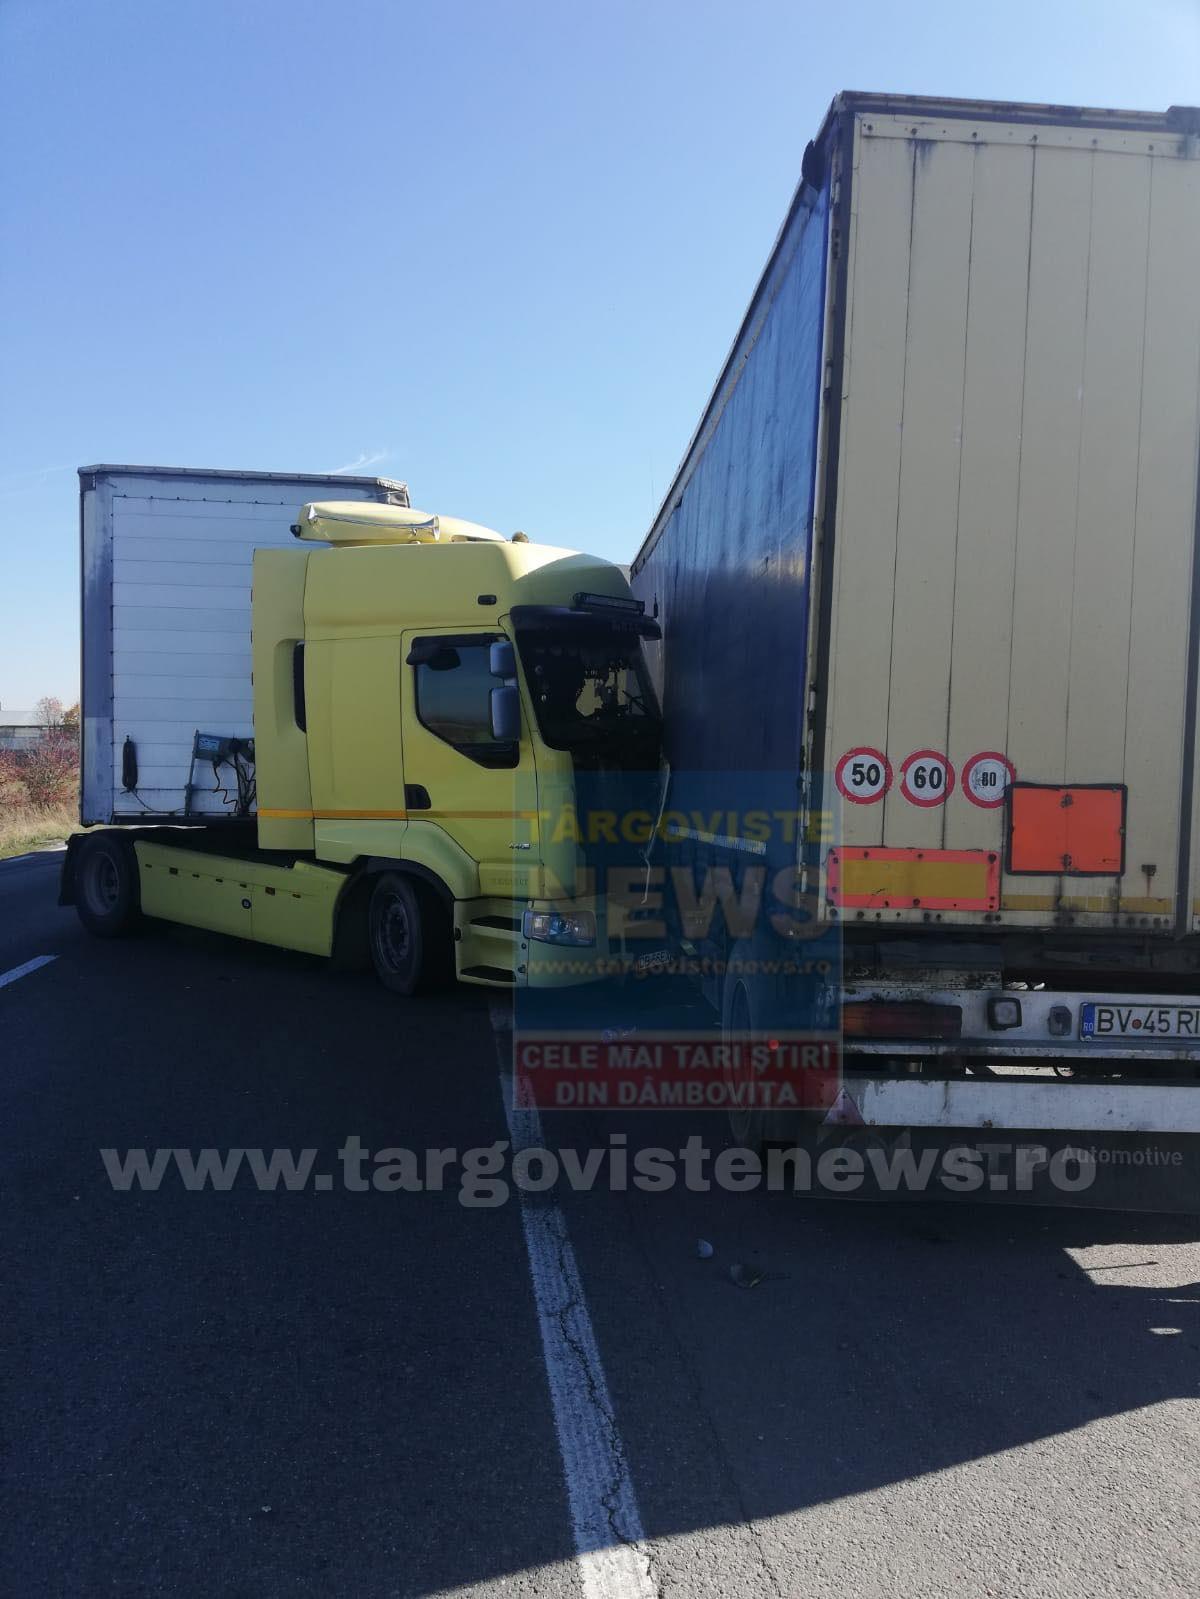 ACUM – Două tiruri s-au izbit, pe DN 72, la Mija. Unul transportă deşeuri periculoase